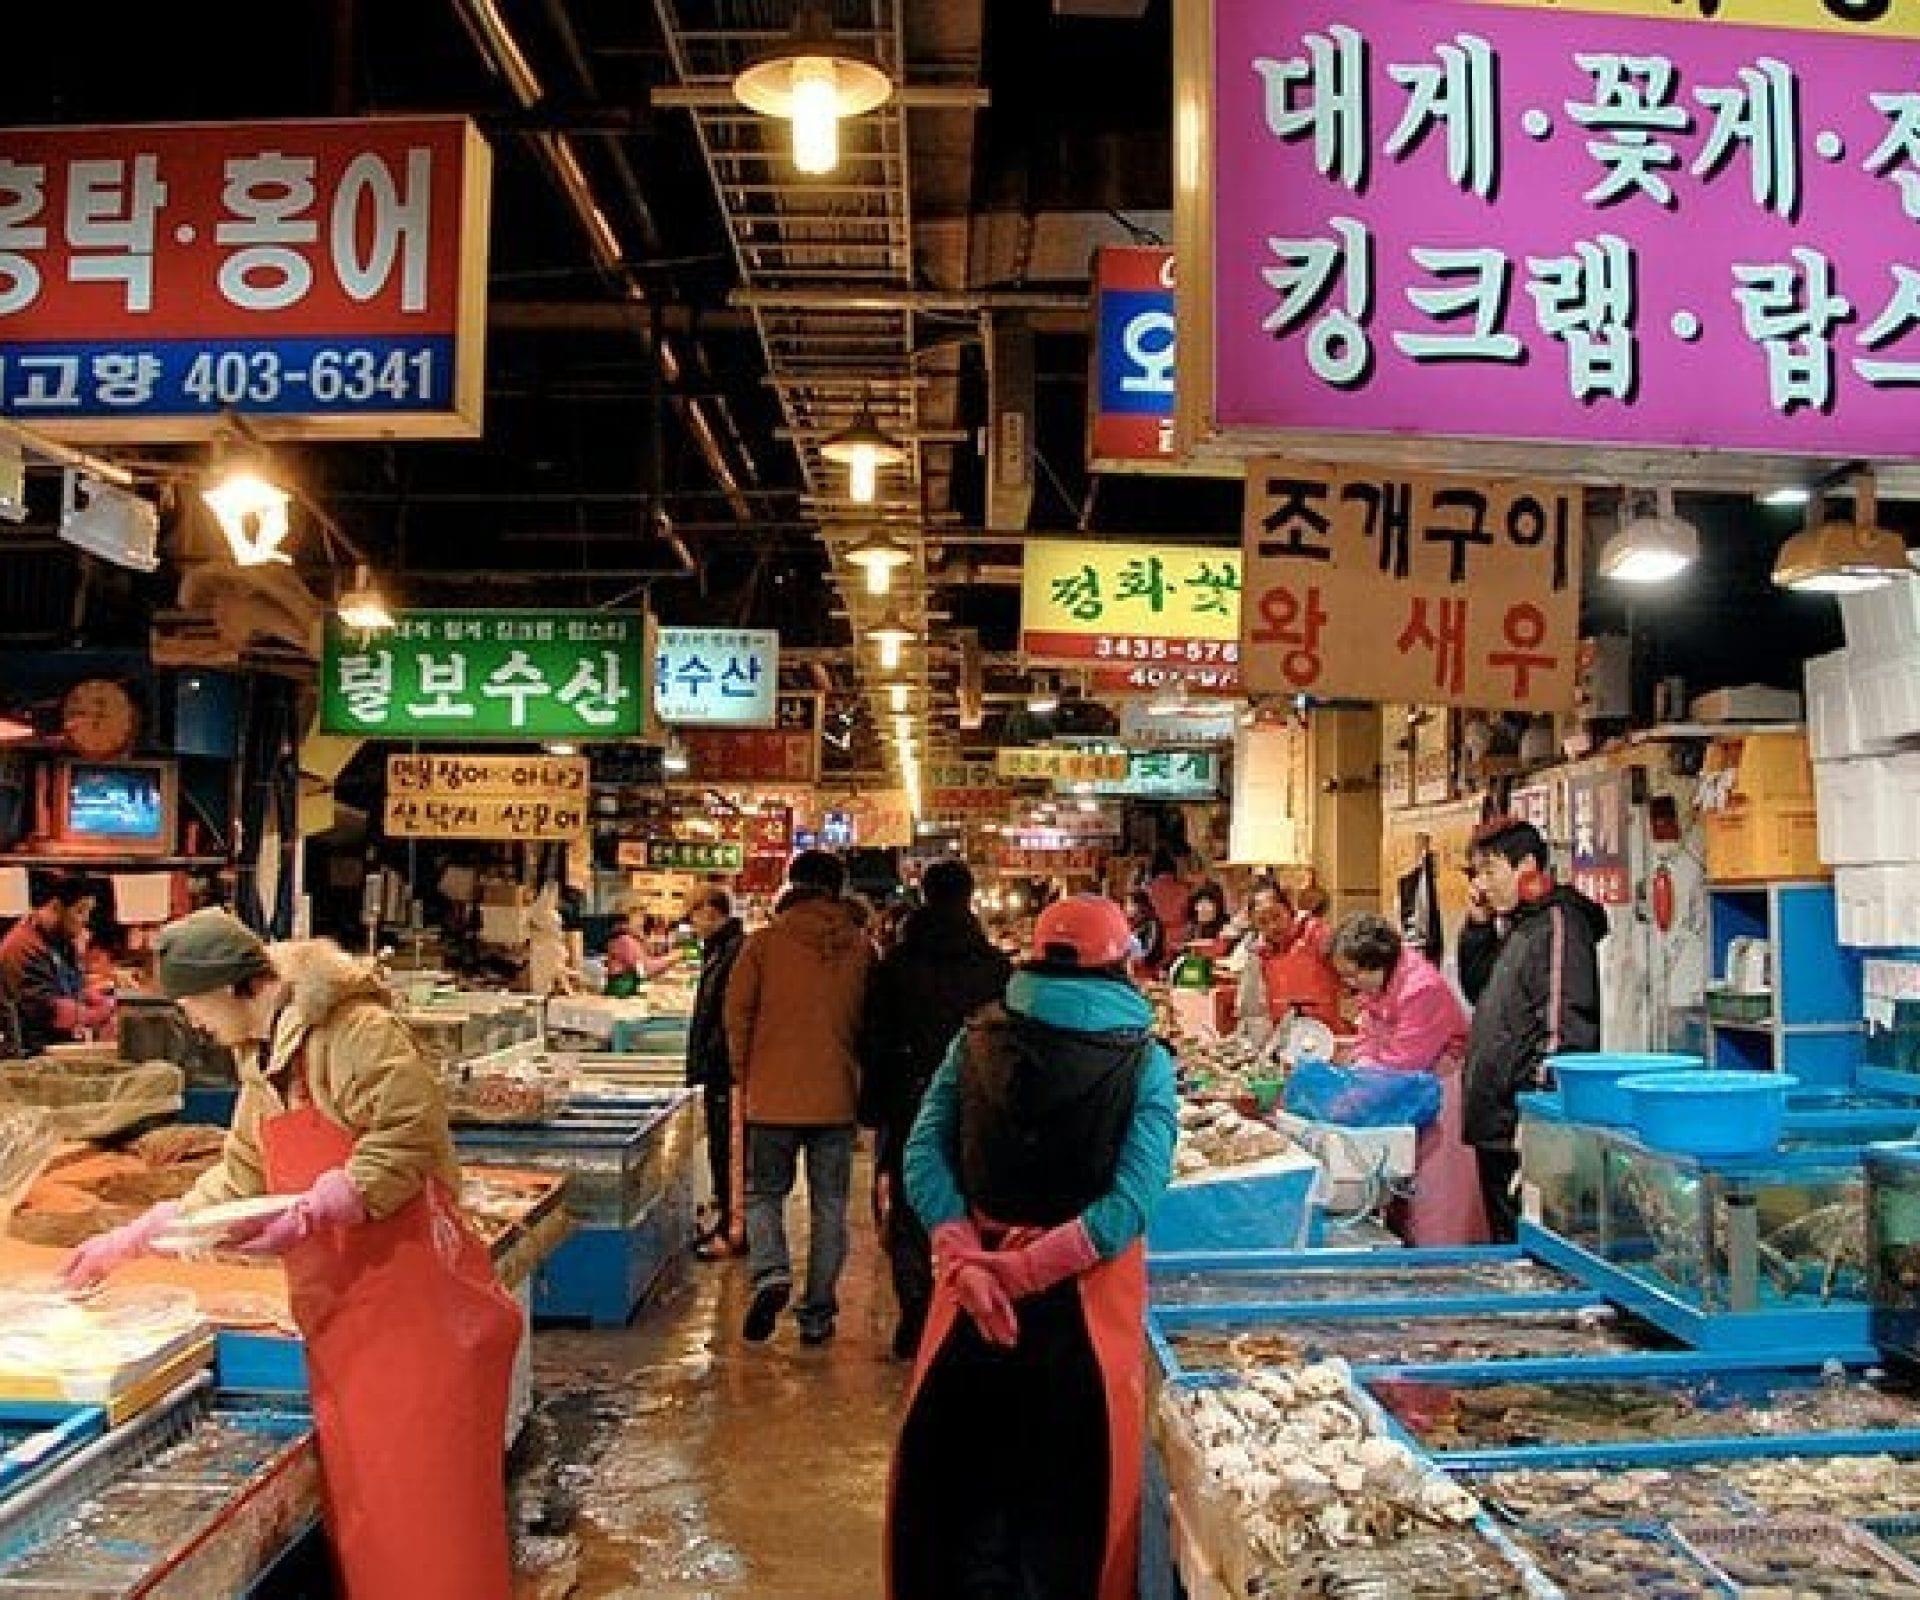 Garak Fish Market | Songpa-gu, Seoul